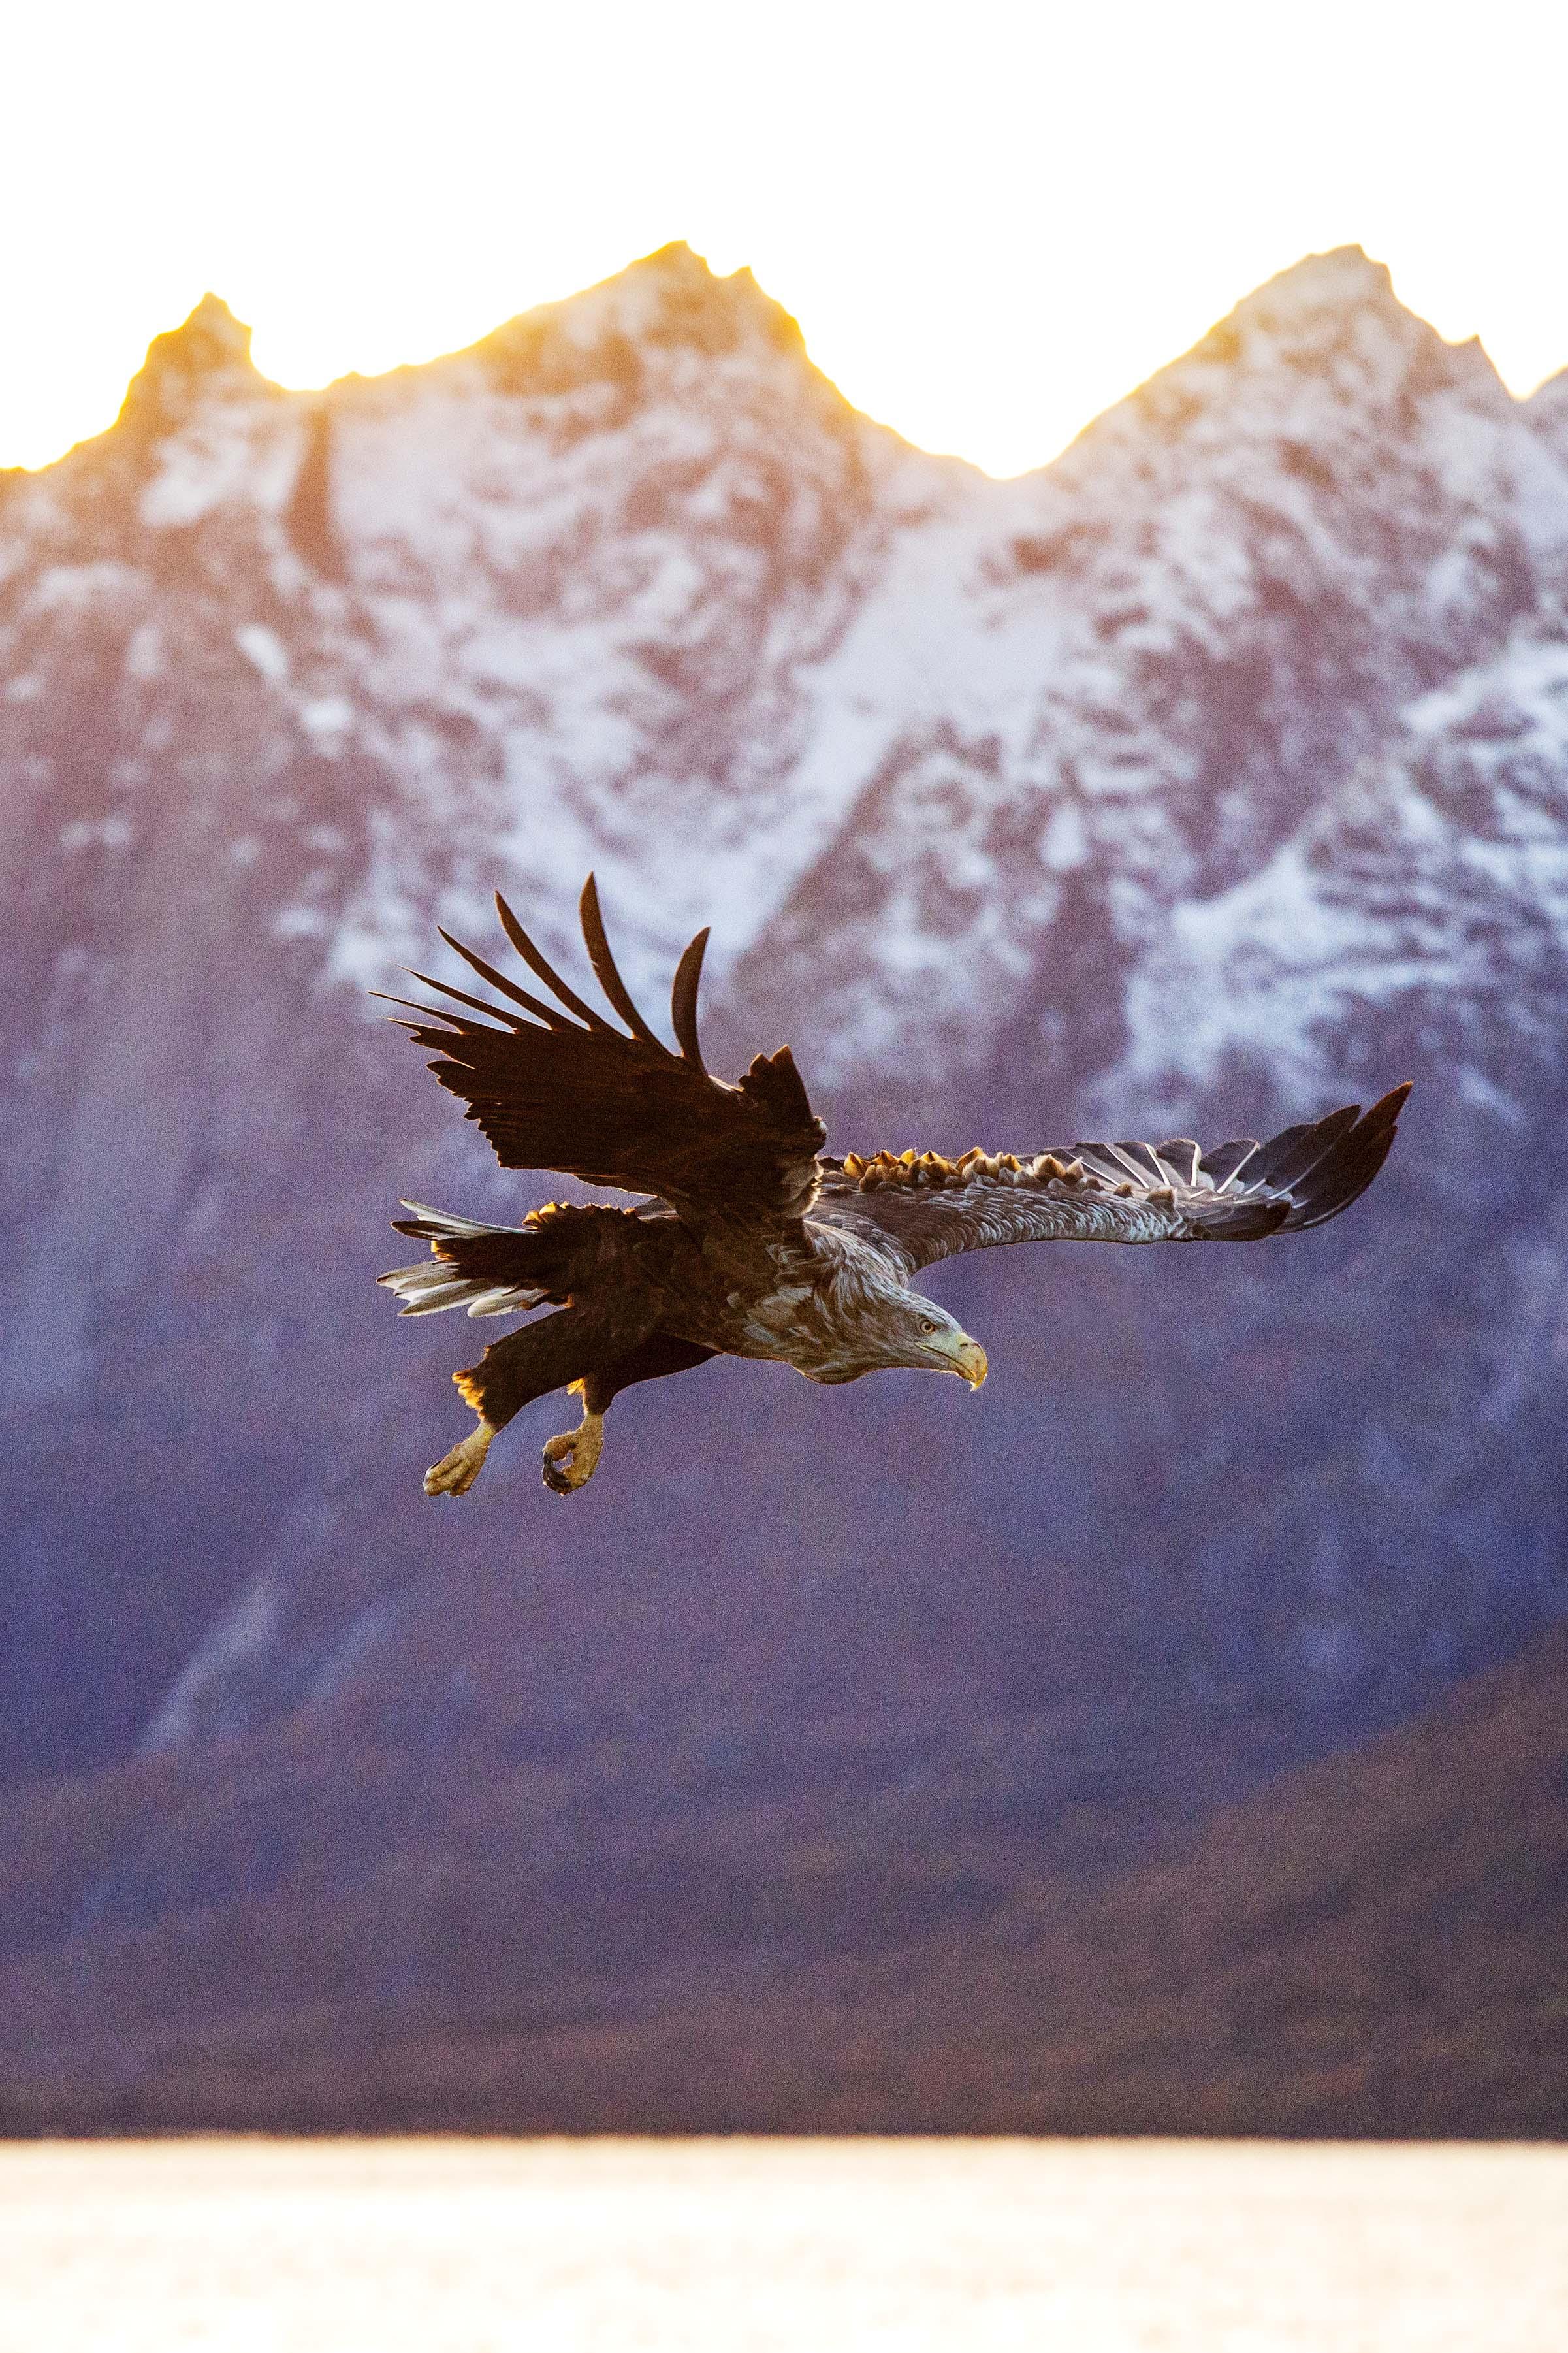 White Tailed Eagle in Lofoten